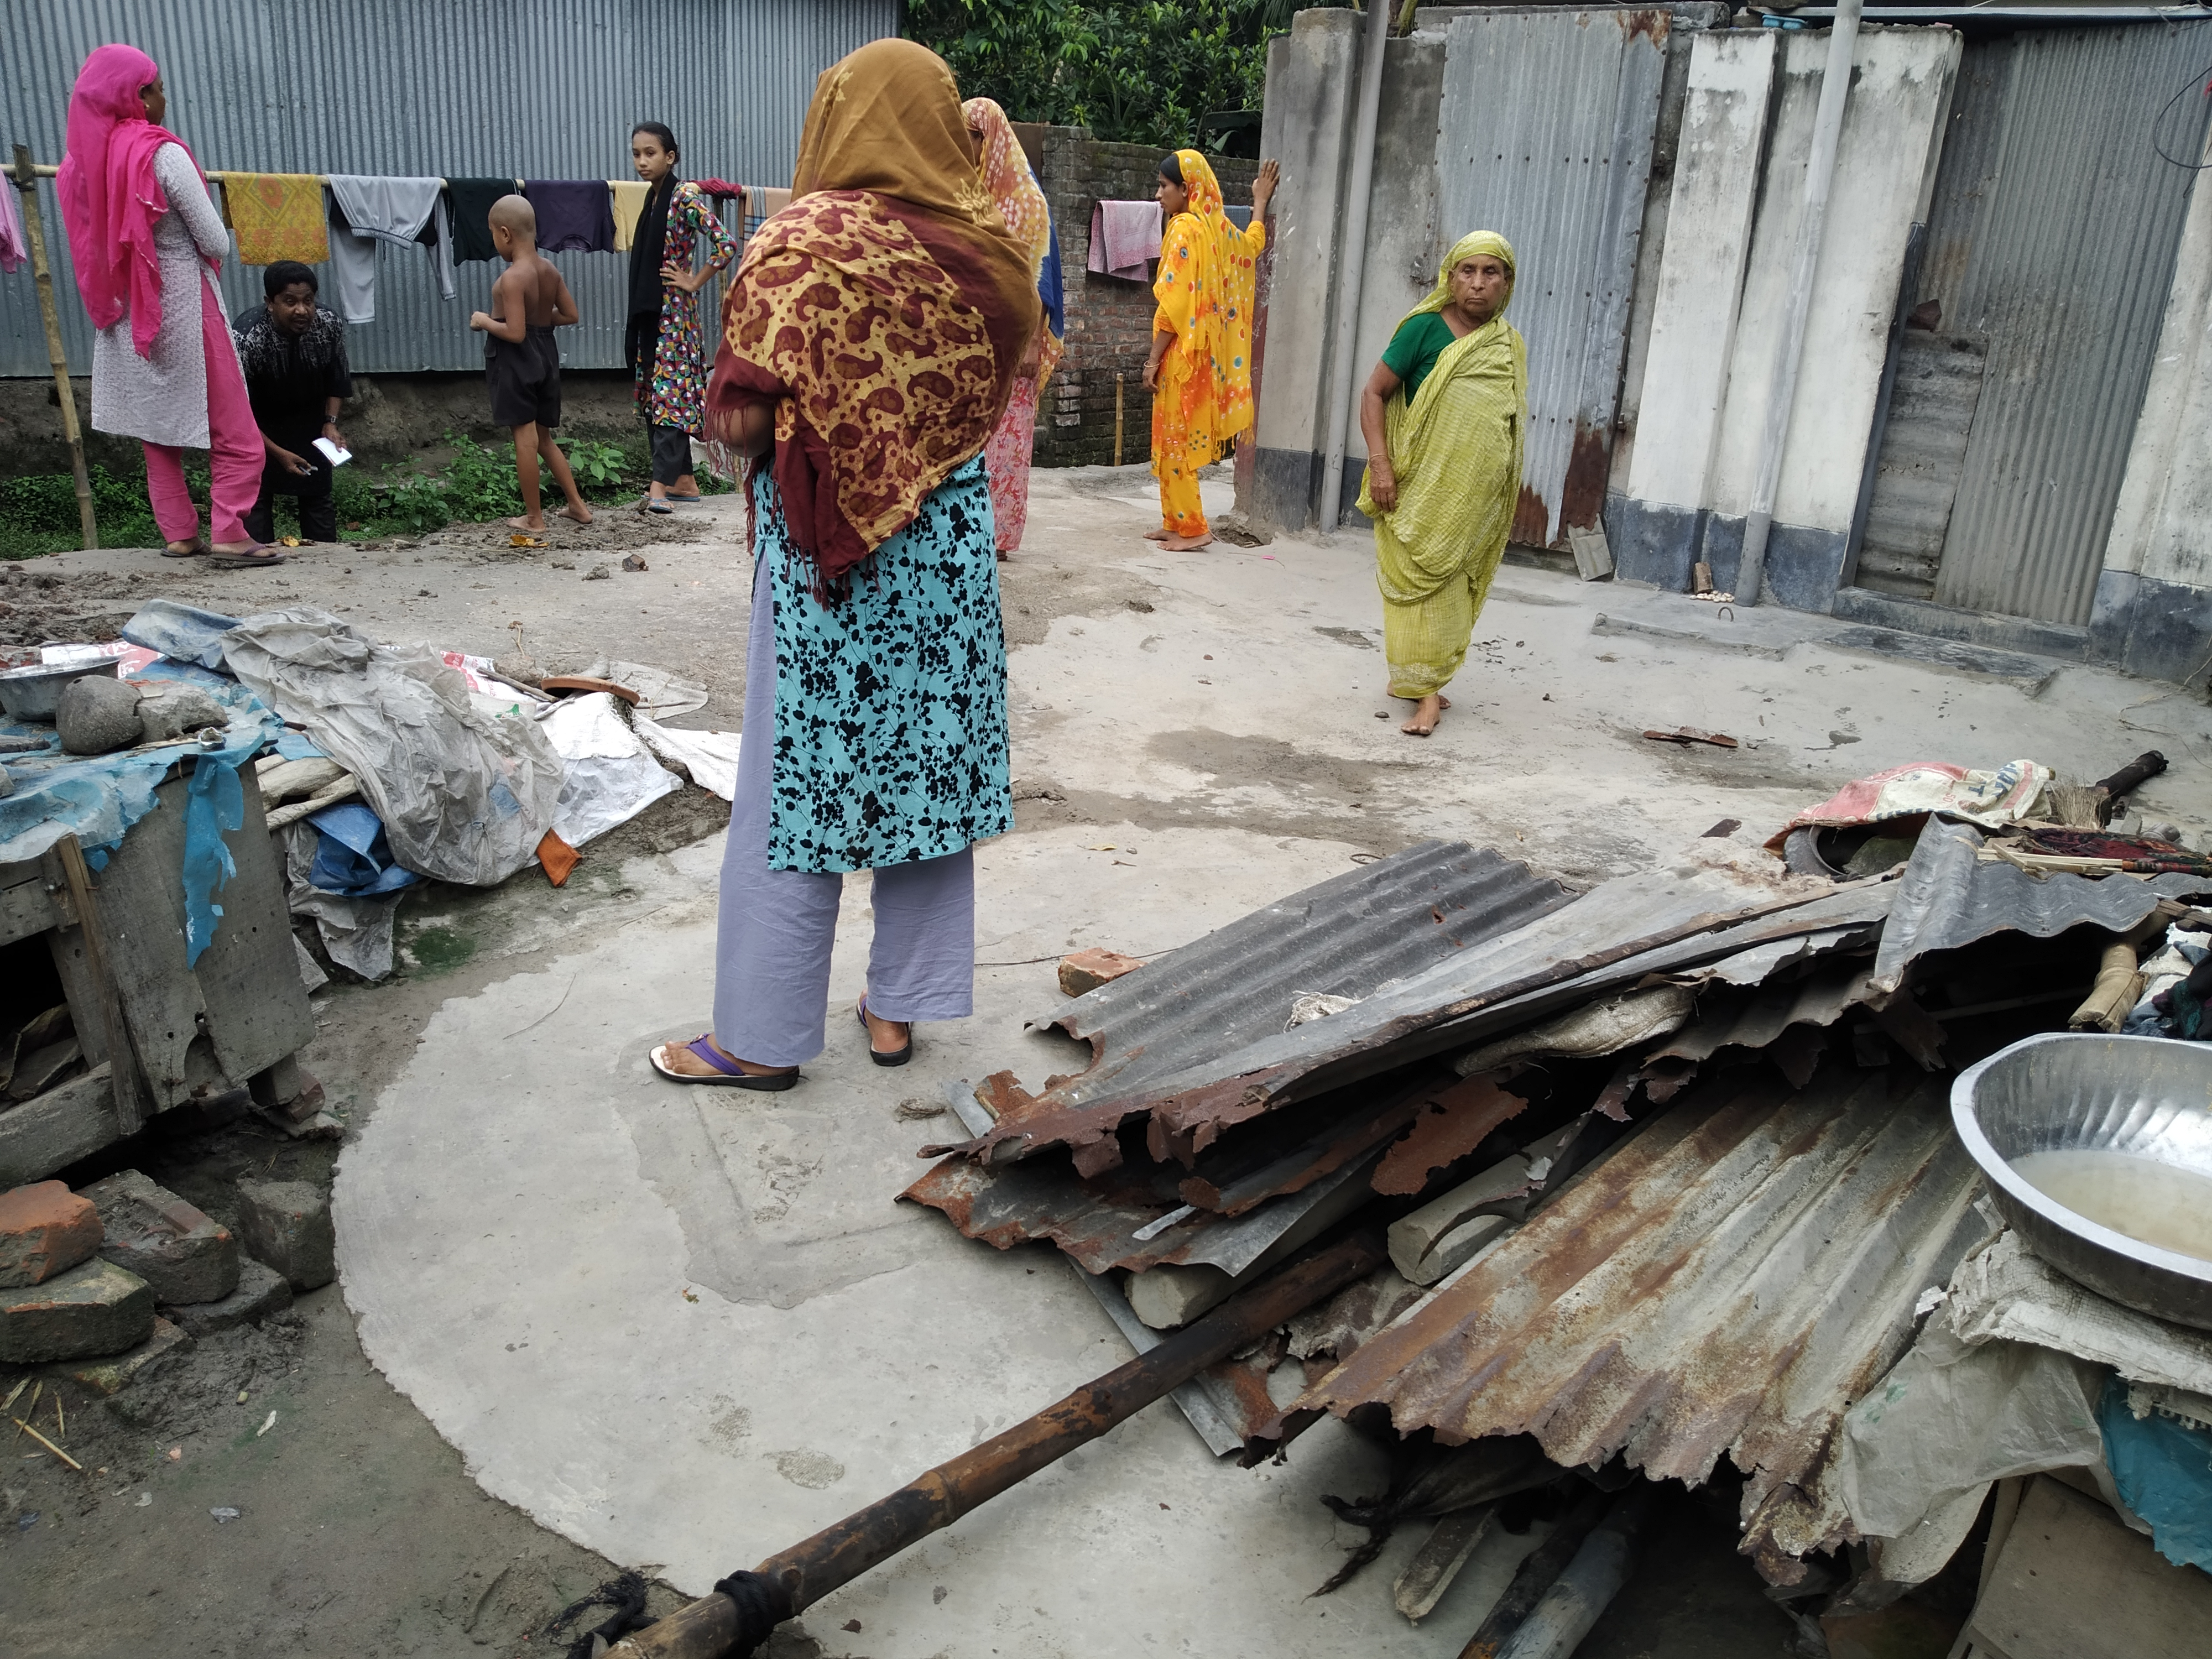 সোনাতলায় জমিজমা সংক্রান্ত জেরে বাড়িঘর ভাংচুর